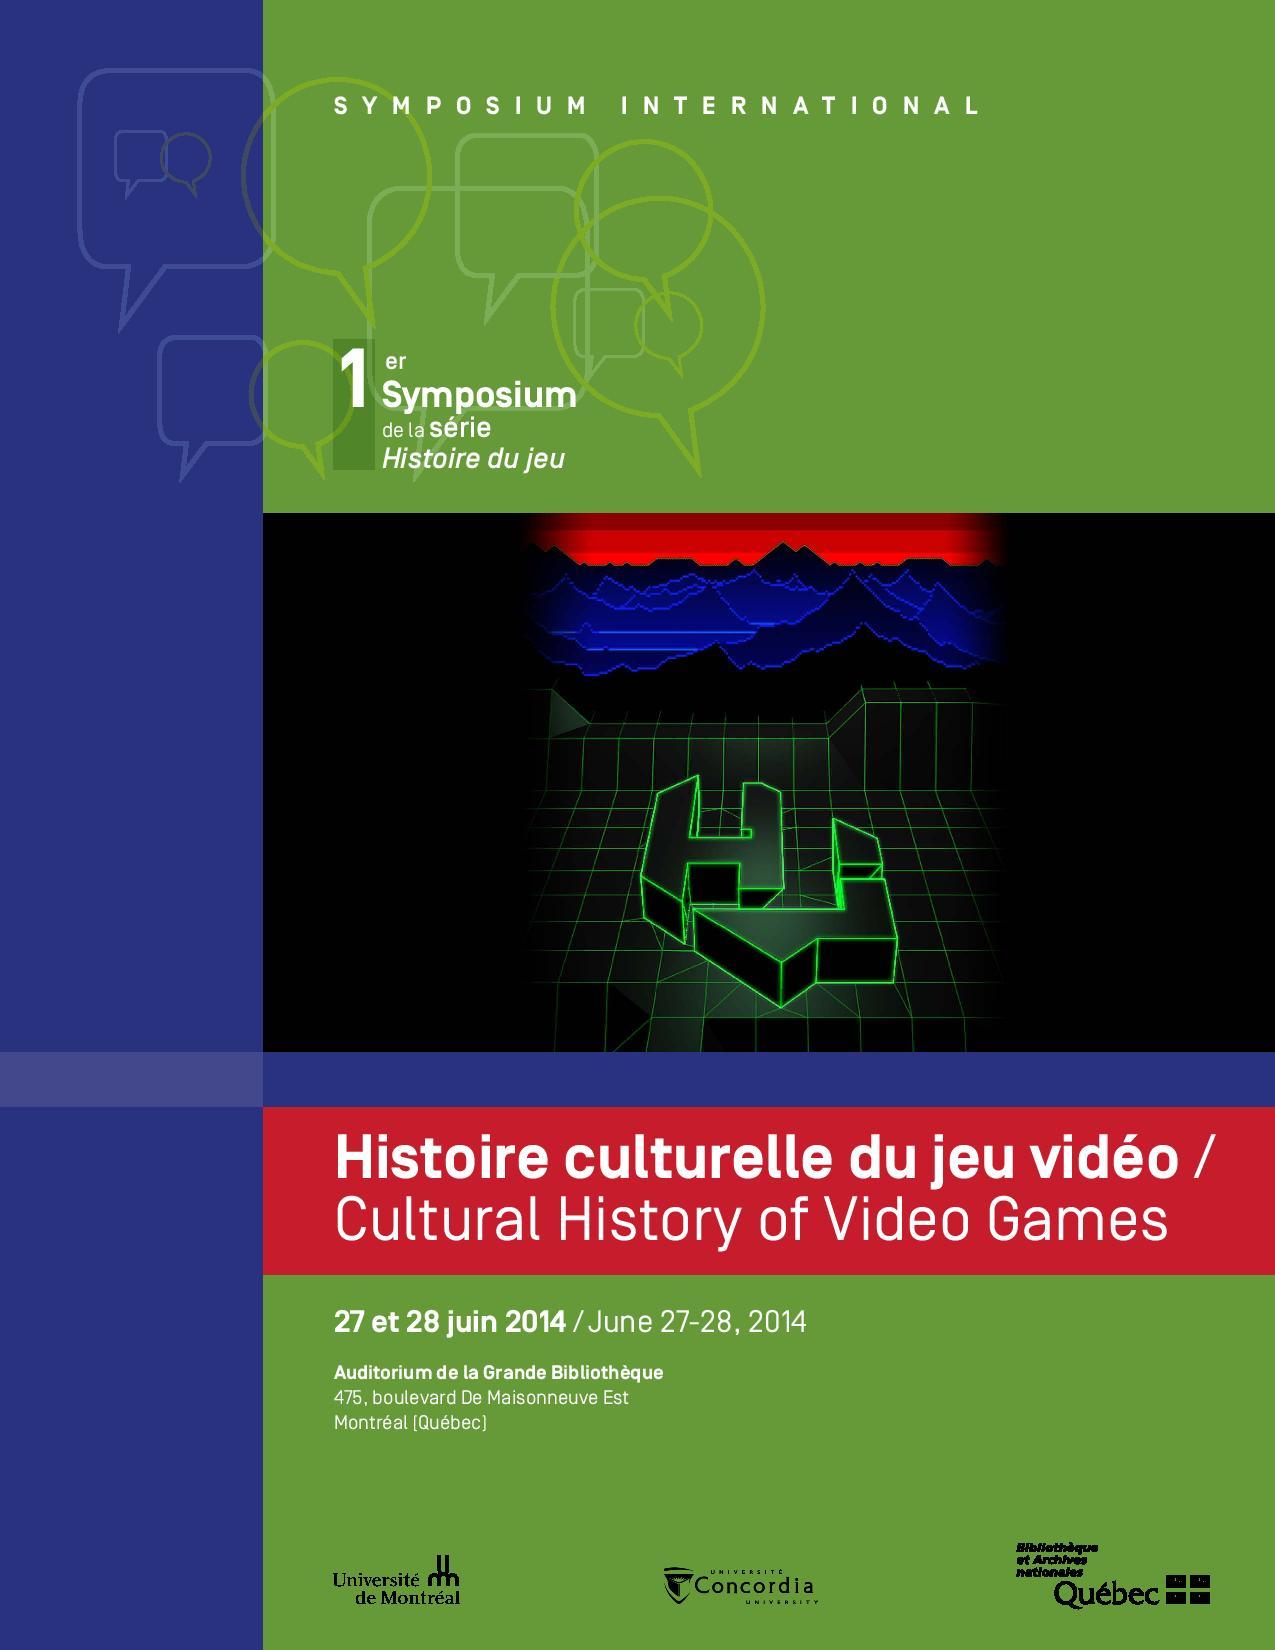 Histoire culturelle du jeu vidéo